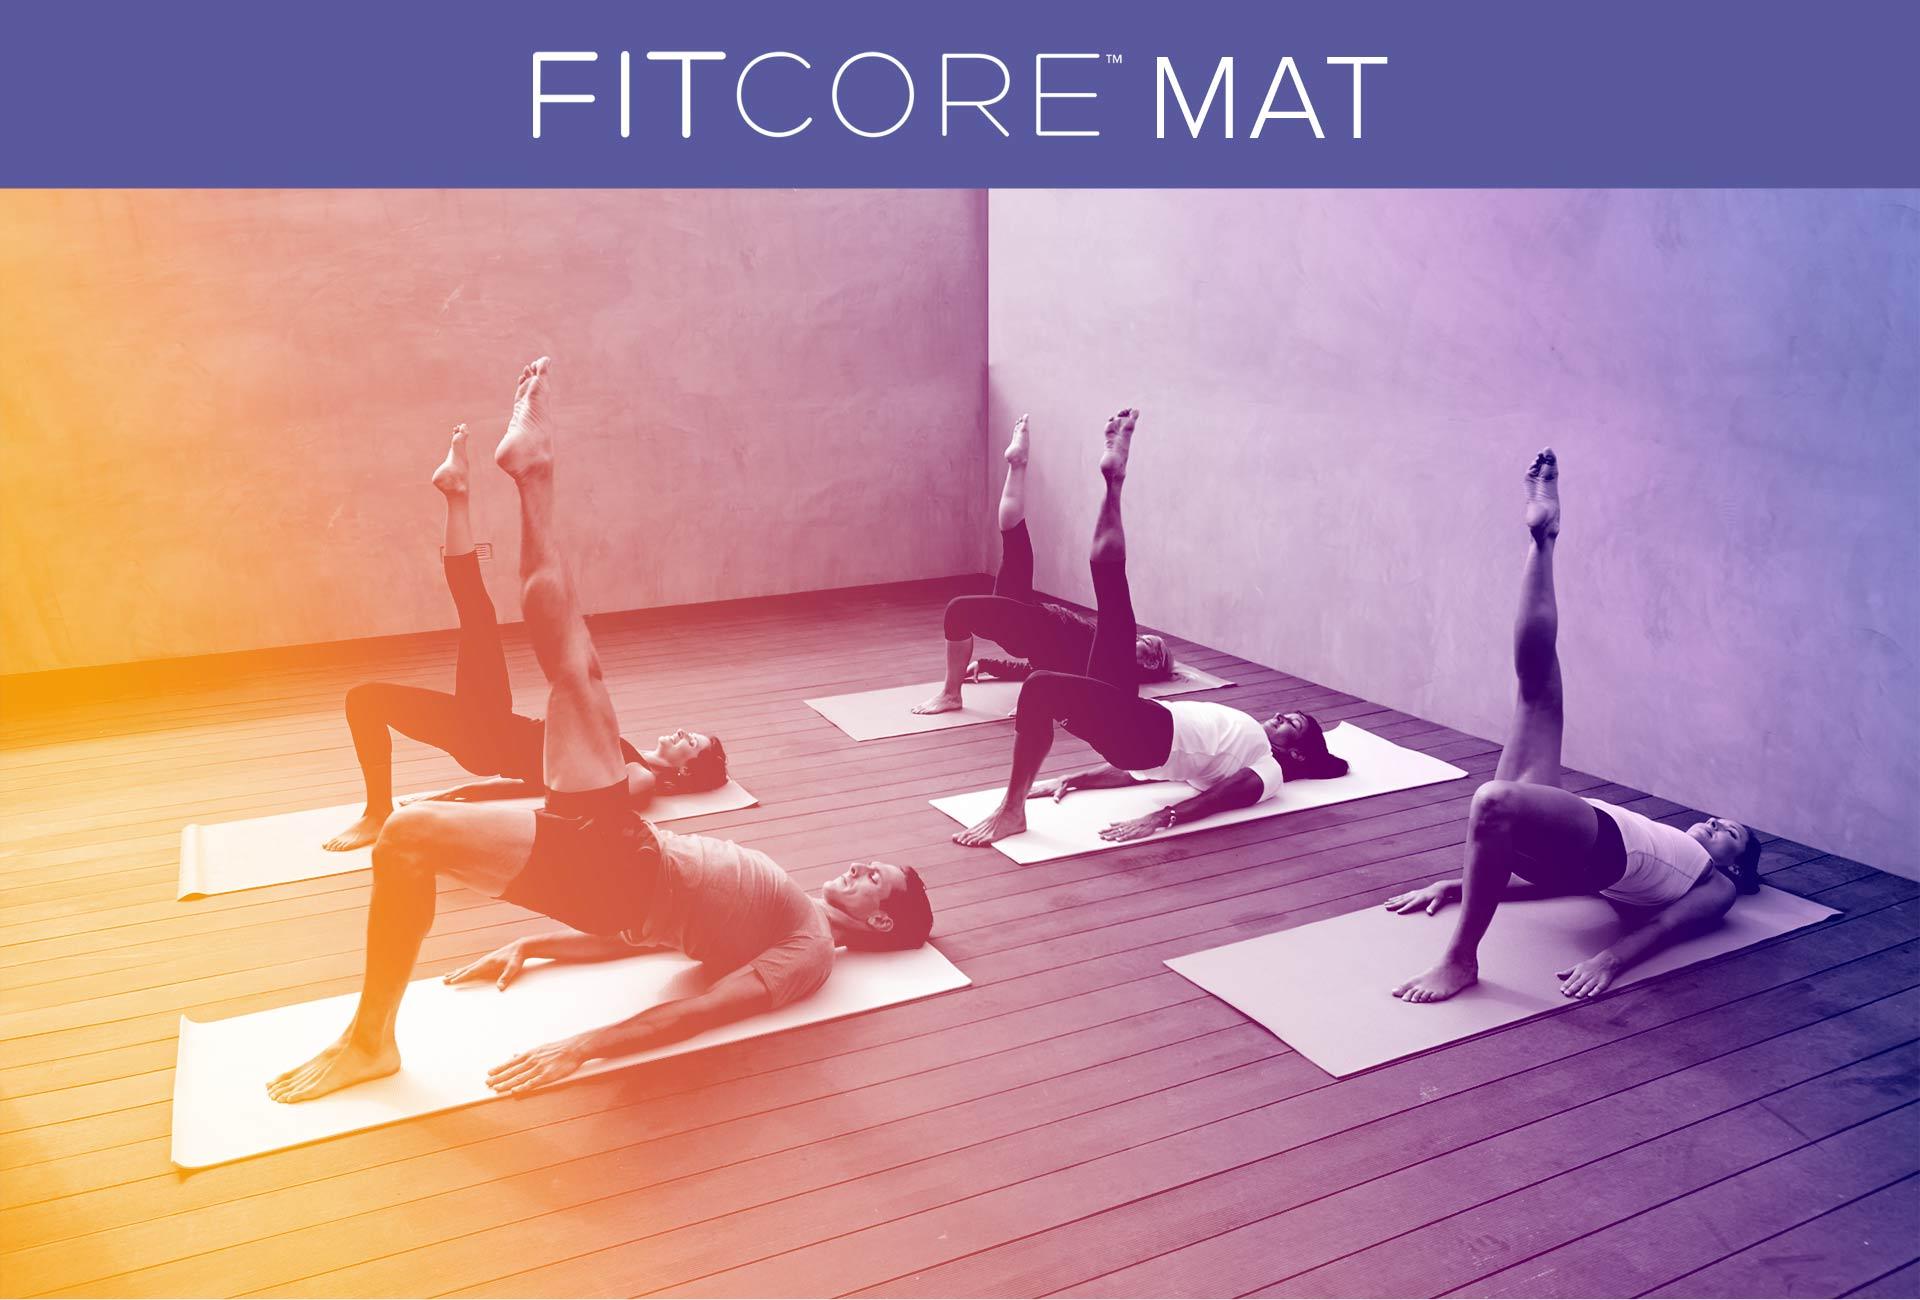 FitCore™ Mat Image